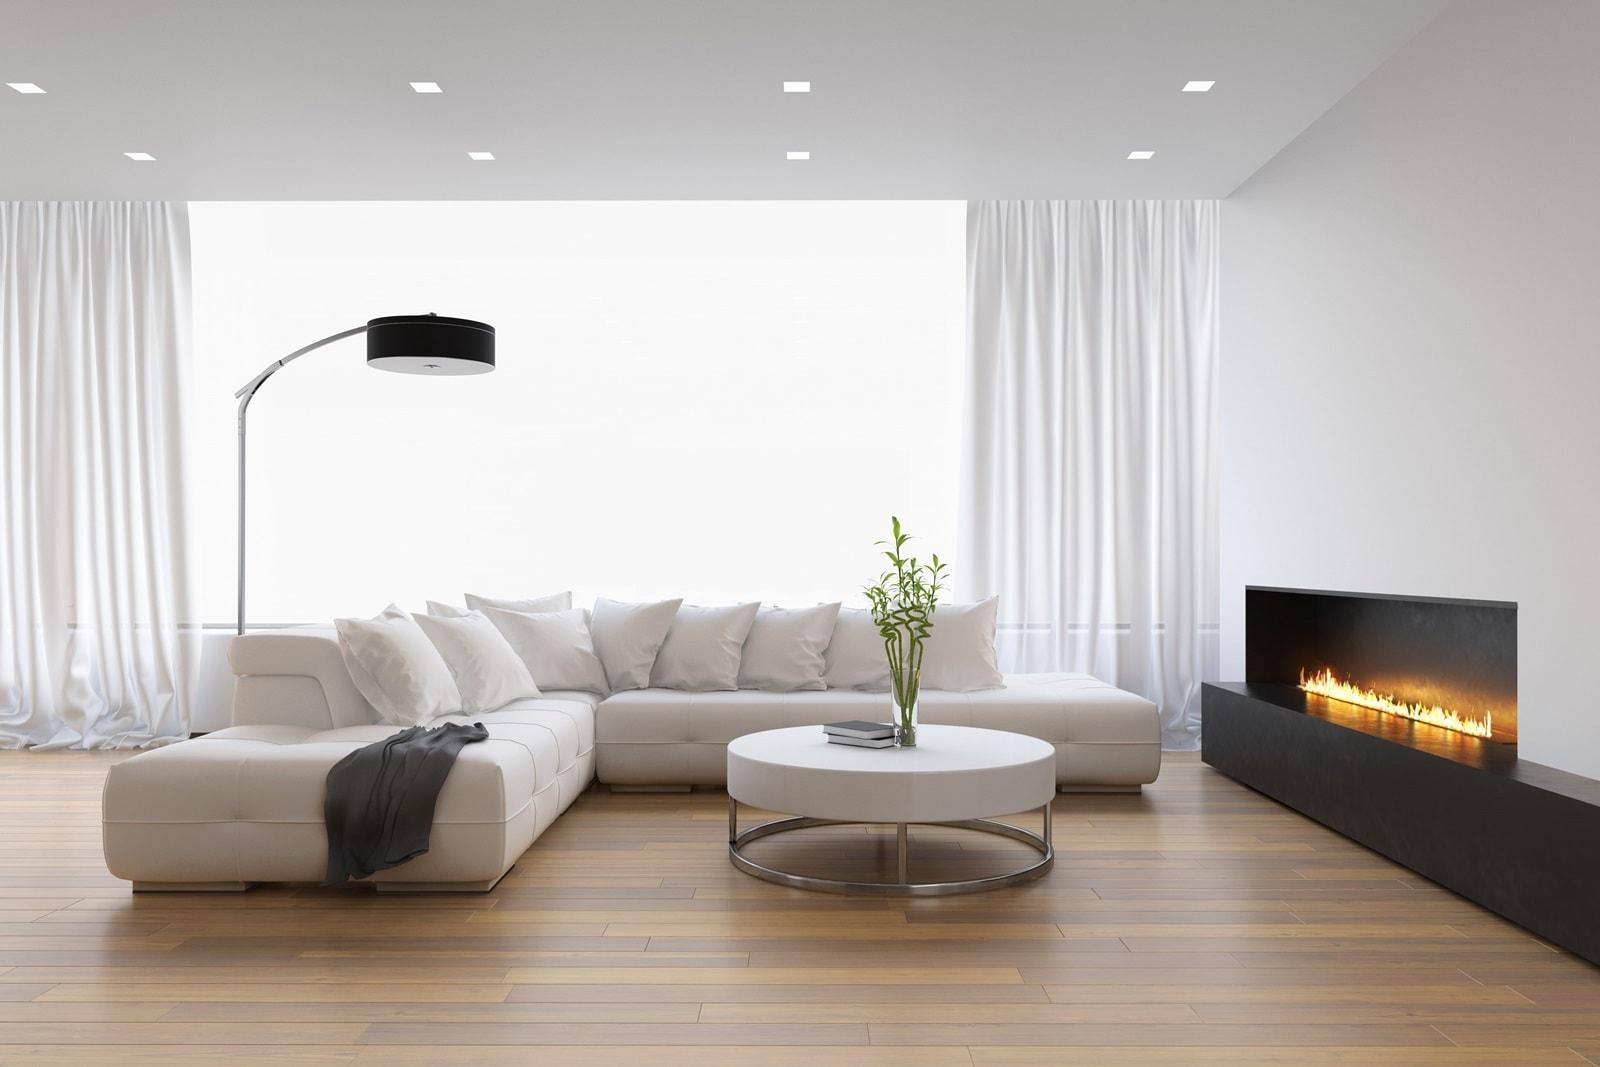 Матовый потолок в стиле минимализм